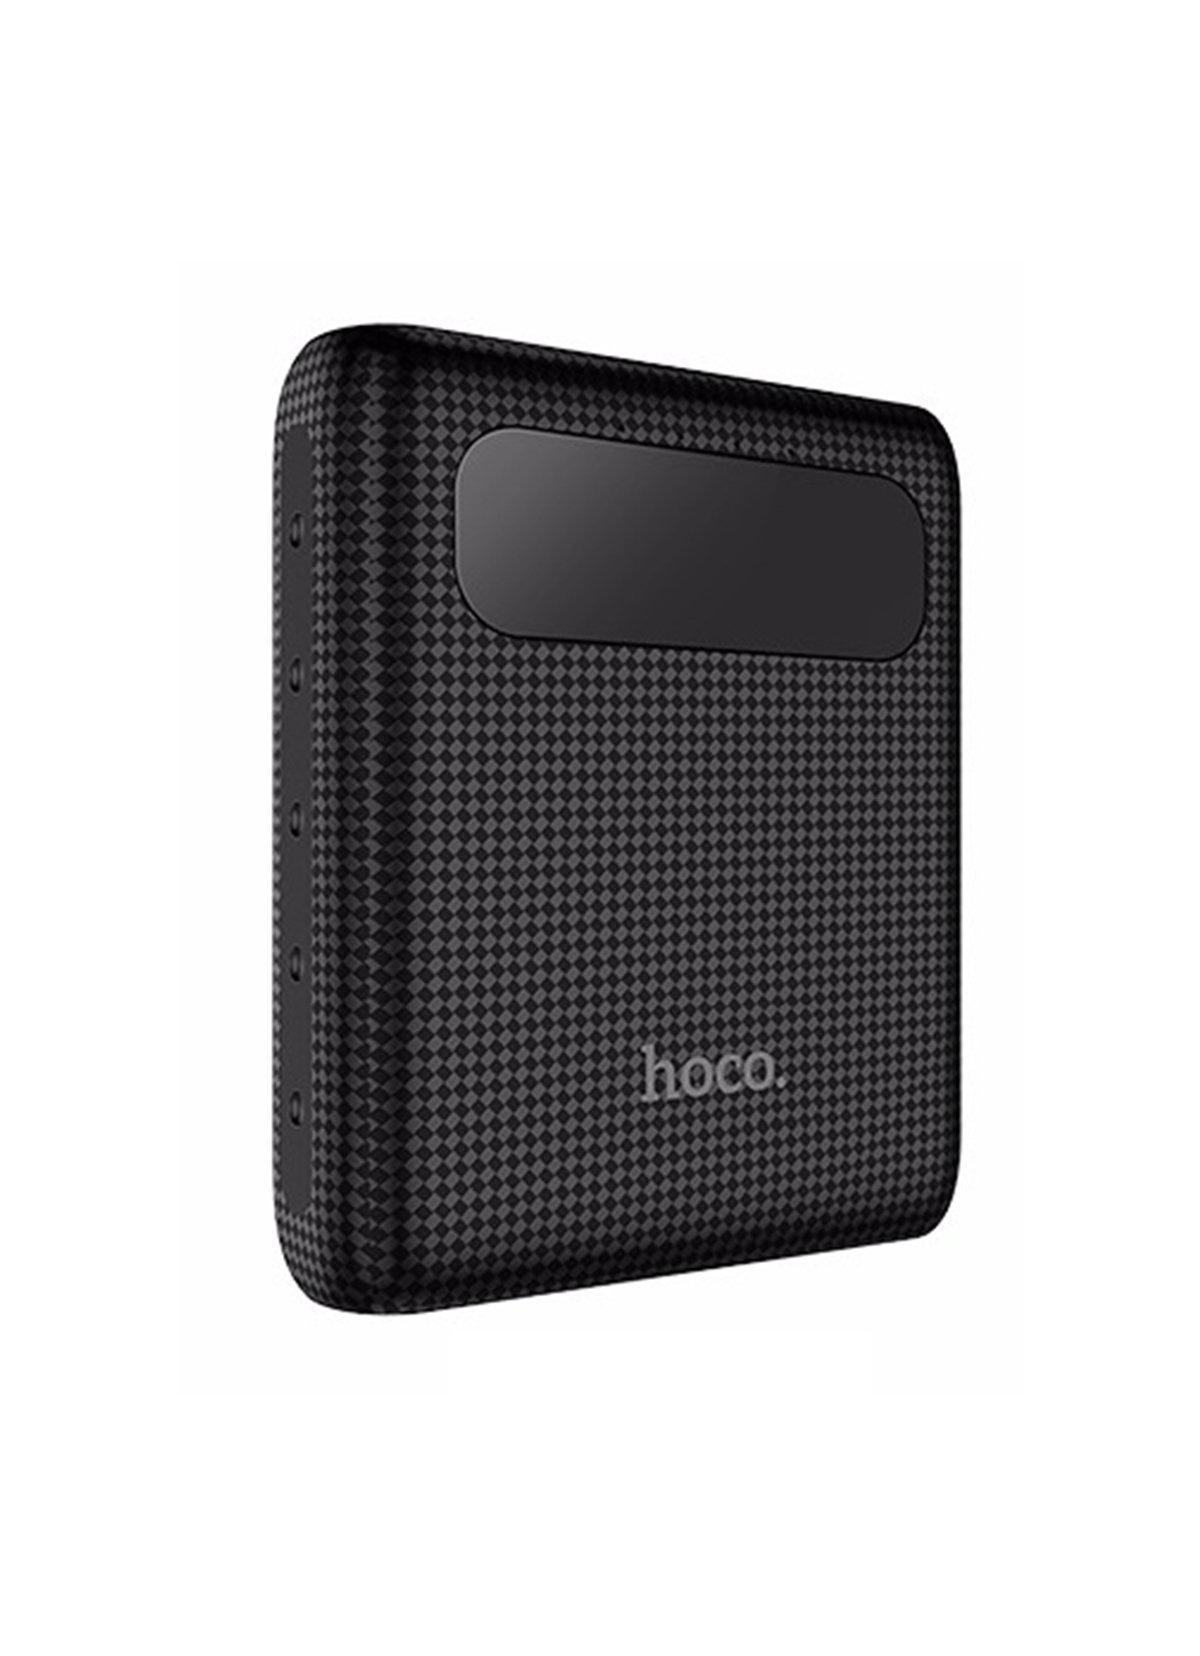 Внешний аккумулятор Hoco 10000 mah, черный внешний аккумулятор hoco 5200 mah серый